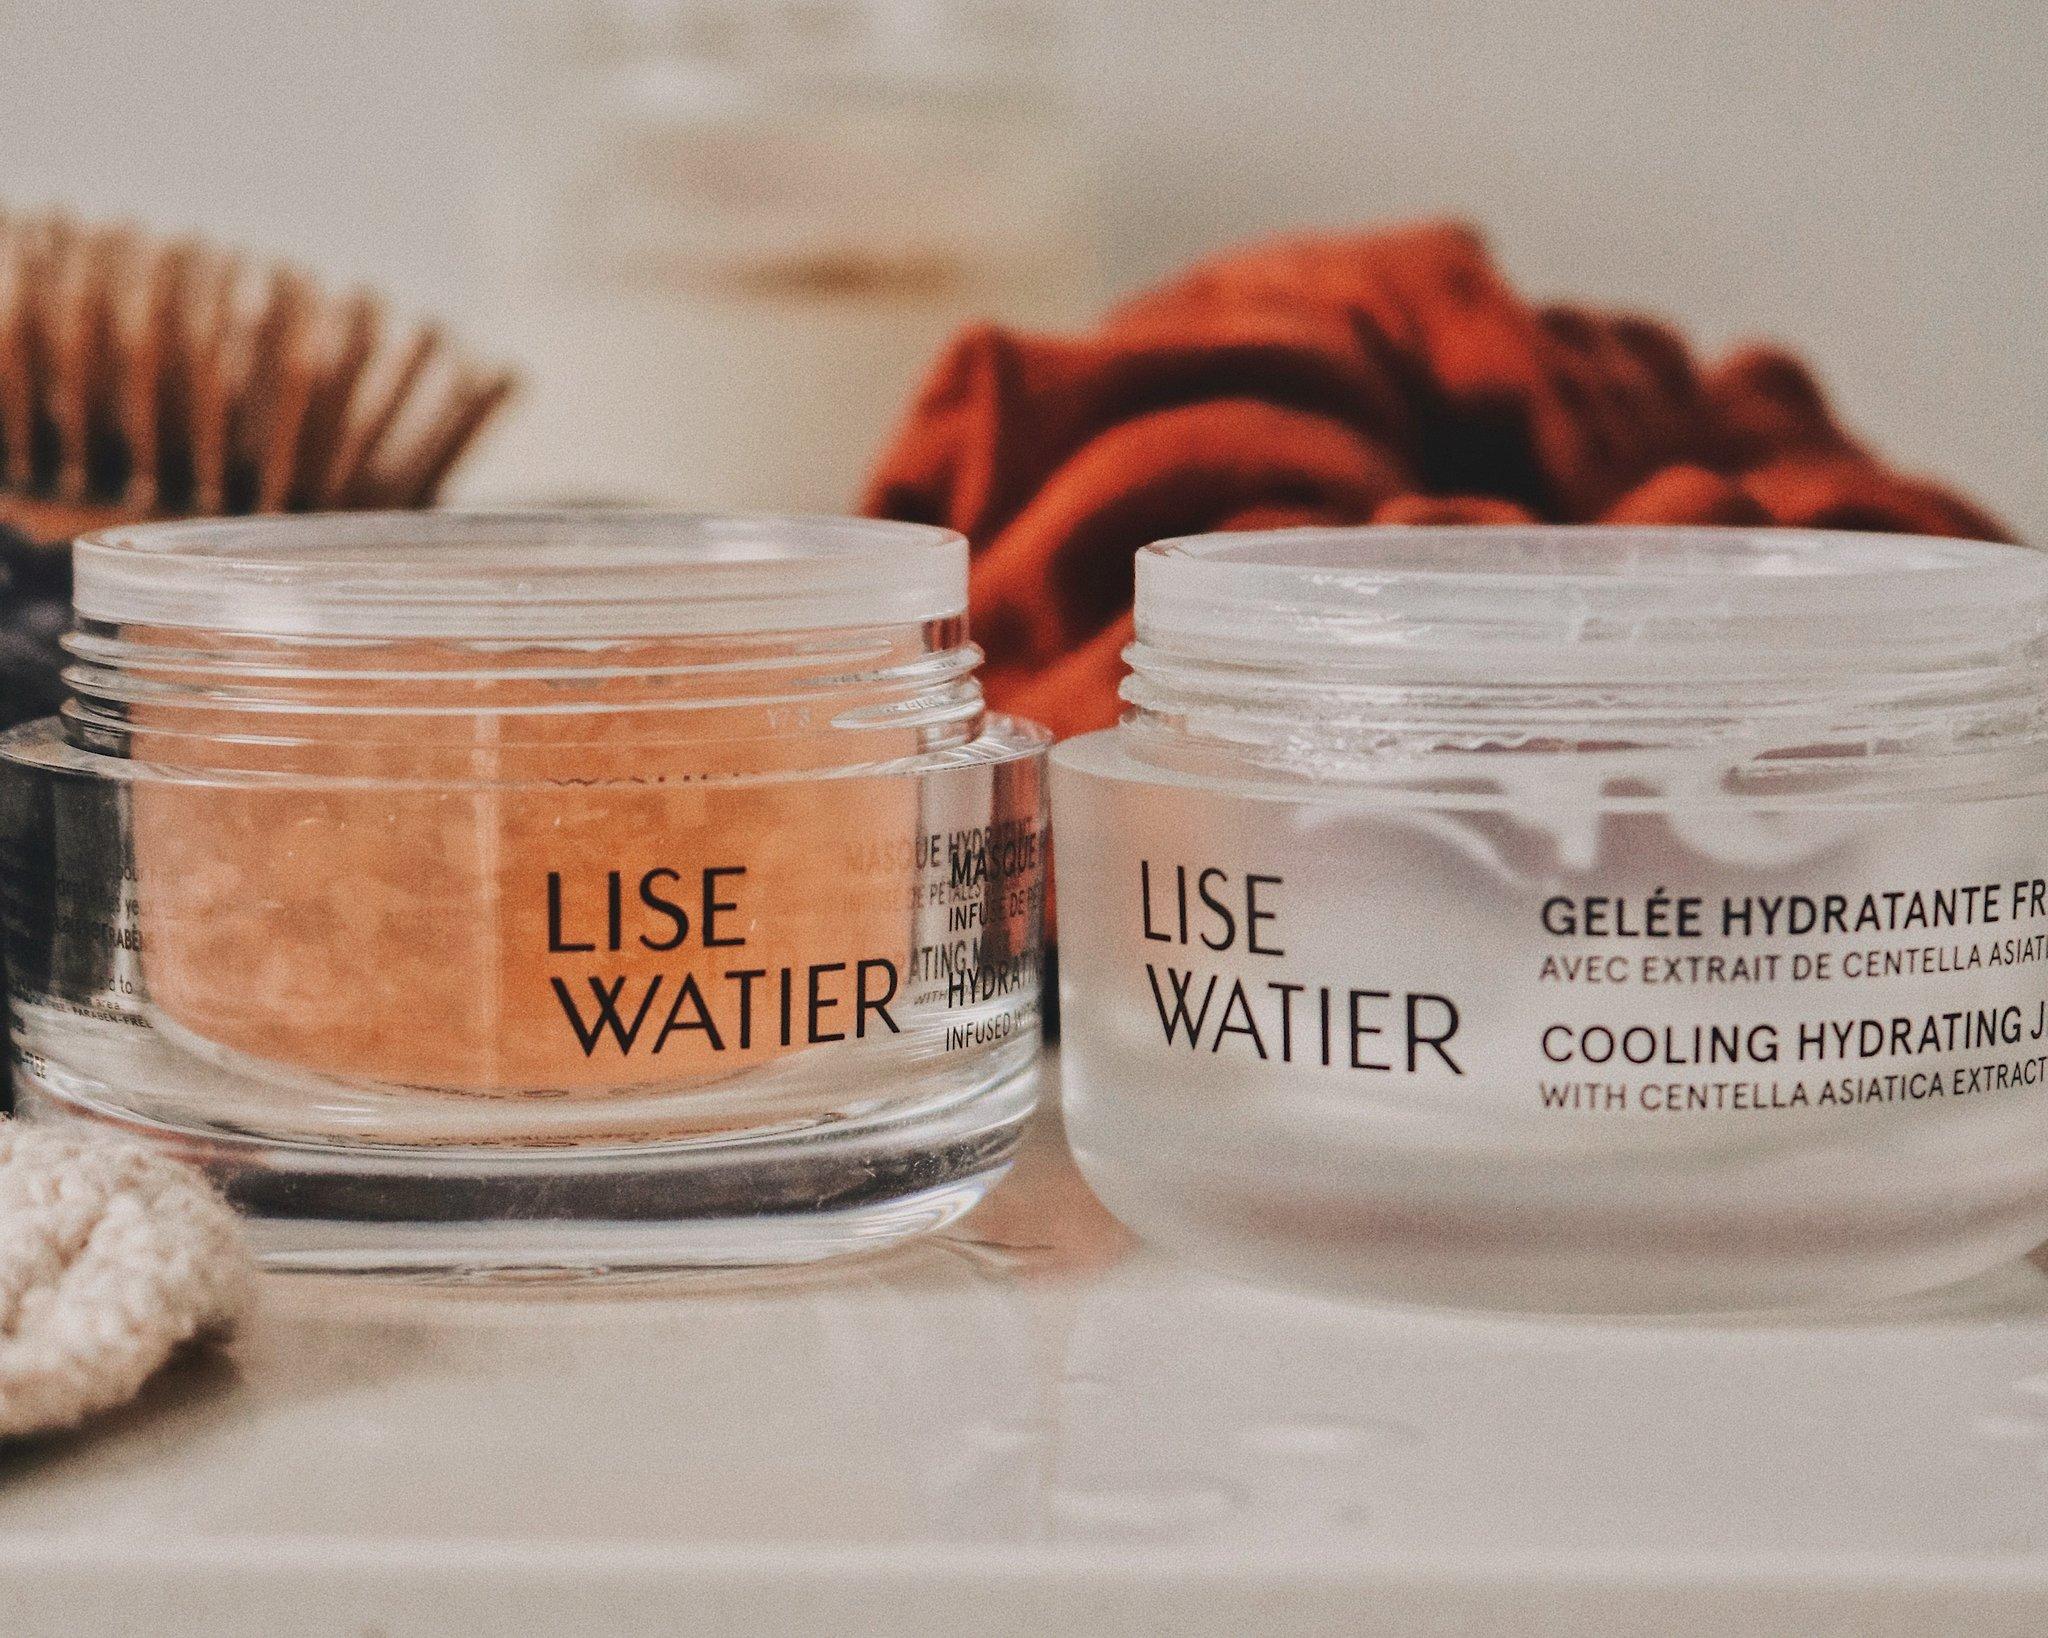 Gelée et masque hydratant Lise Watier